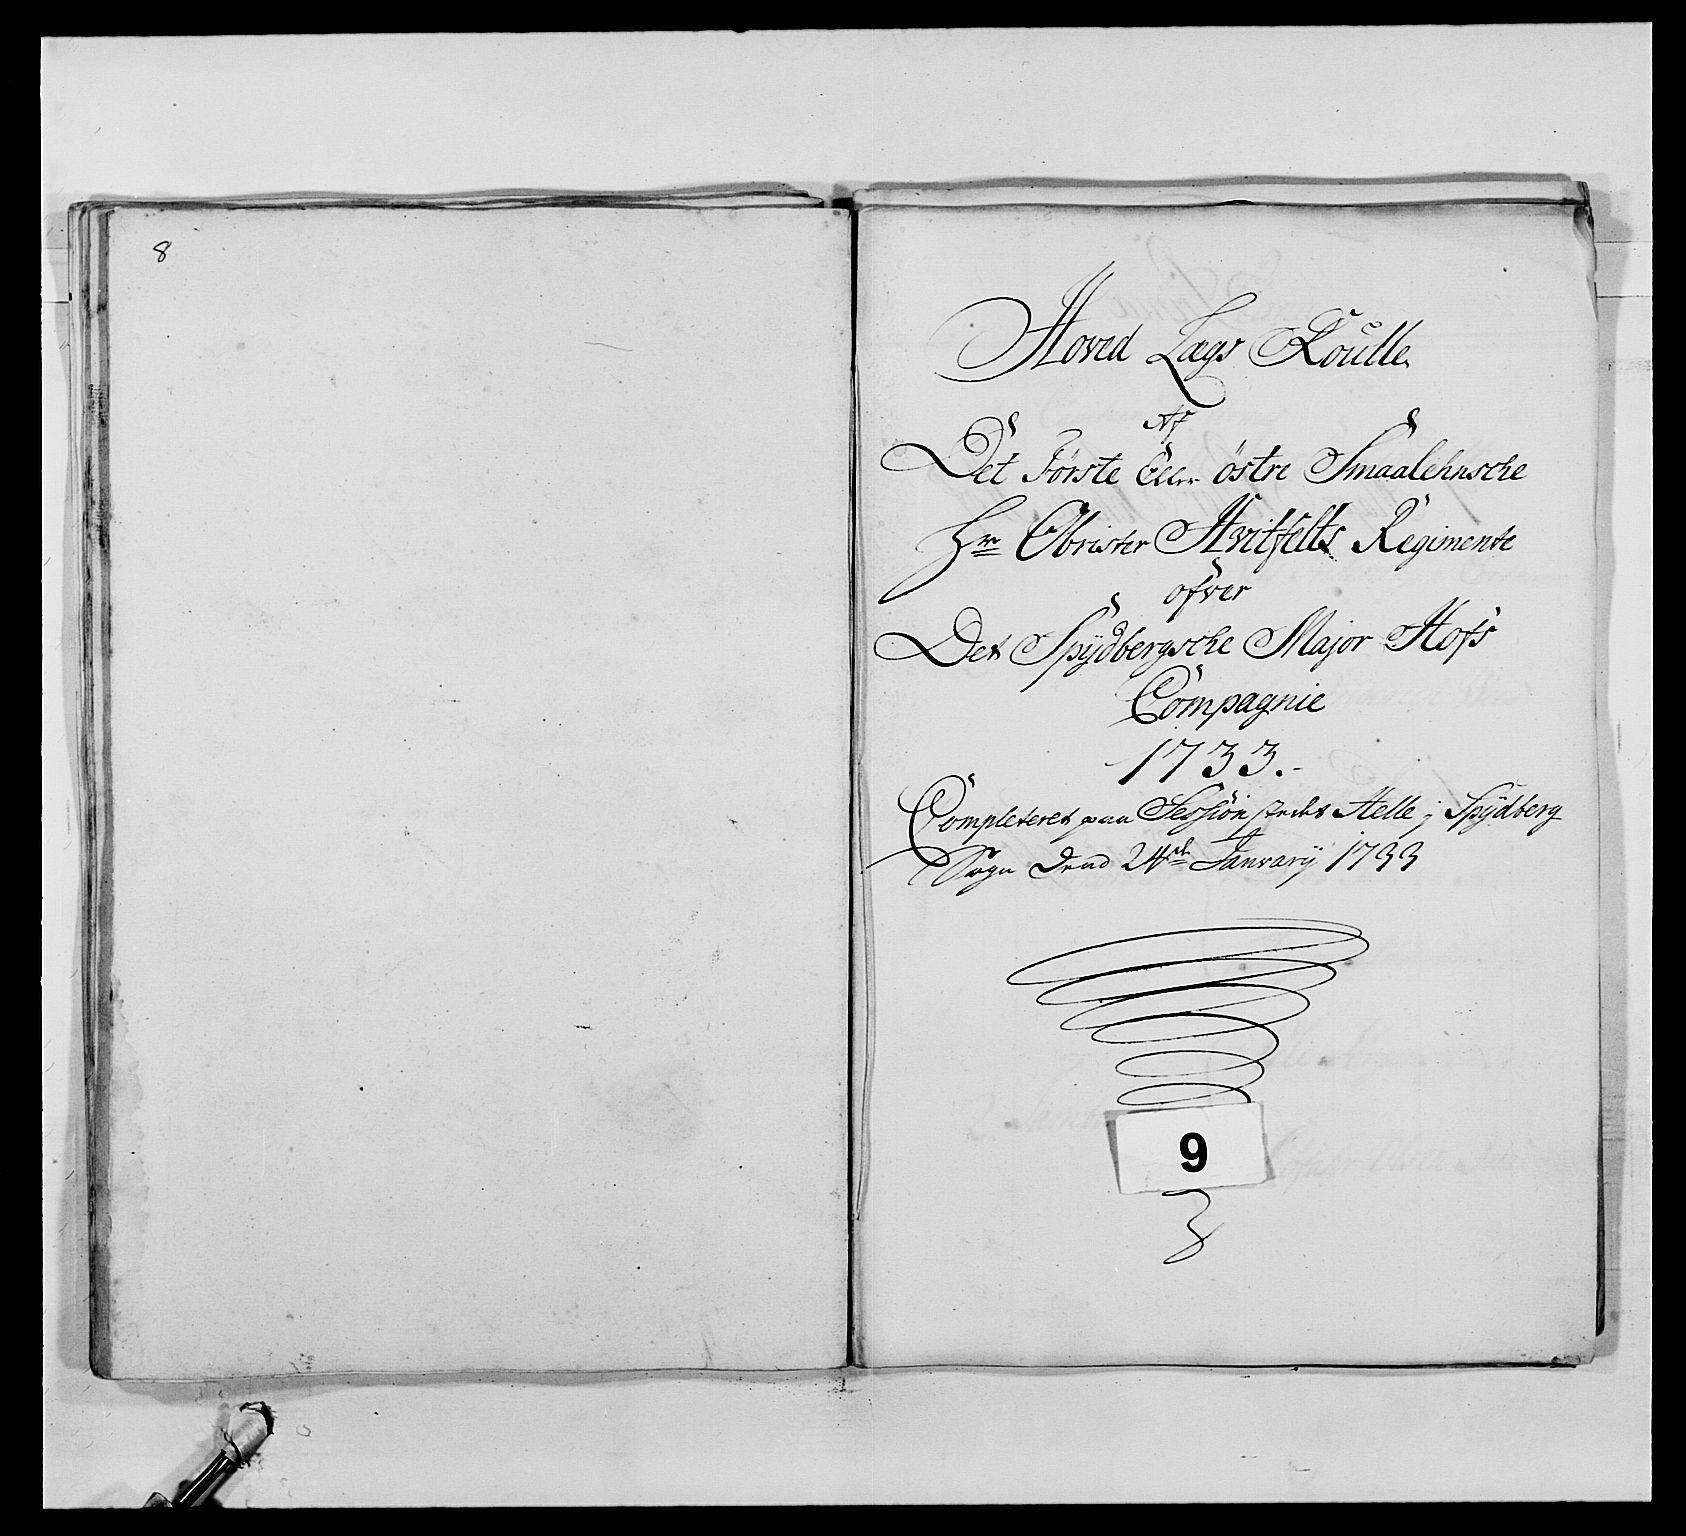 RA, Kommanderende general (KG I) med Det norske krigsdirektorium, E/Ea/L0495: 1. Smålenske regiment, 1732-1763, s. 95